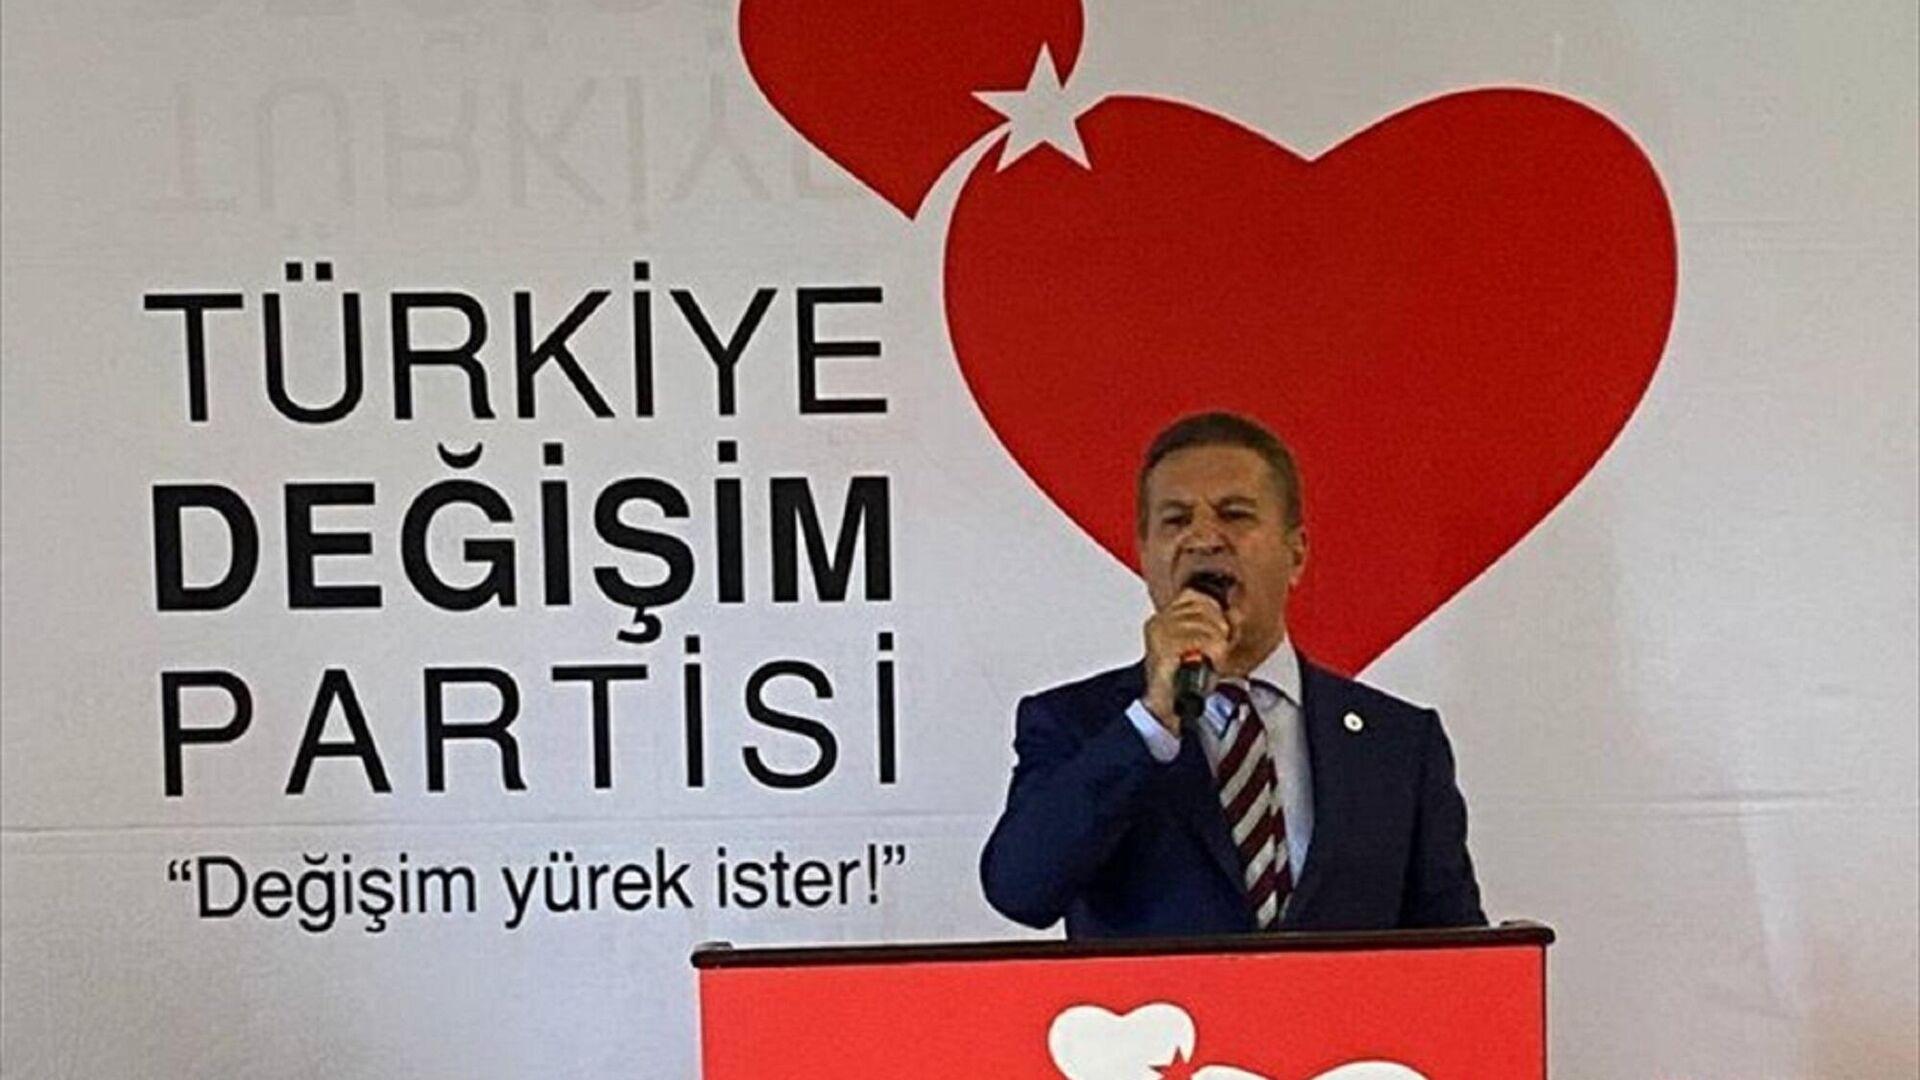 Türkiye Değişim Partisi Genel Başkanı Mustafa Sarıgül - Sputnik Türkiye, 1920, 27.09.2021